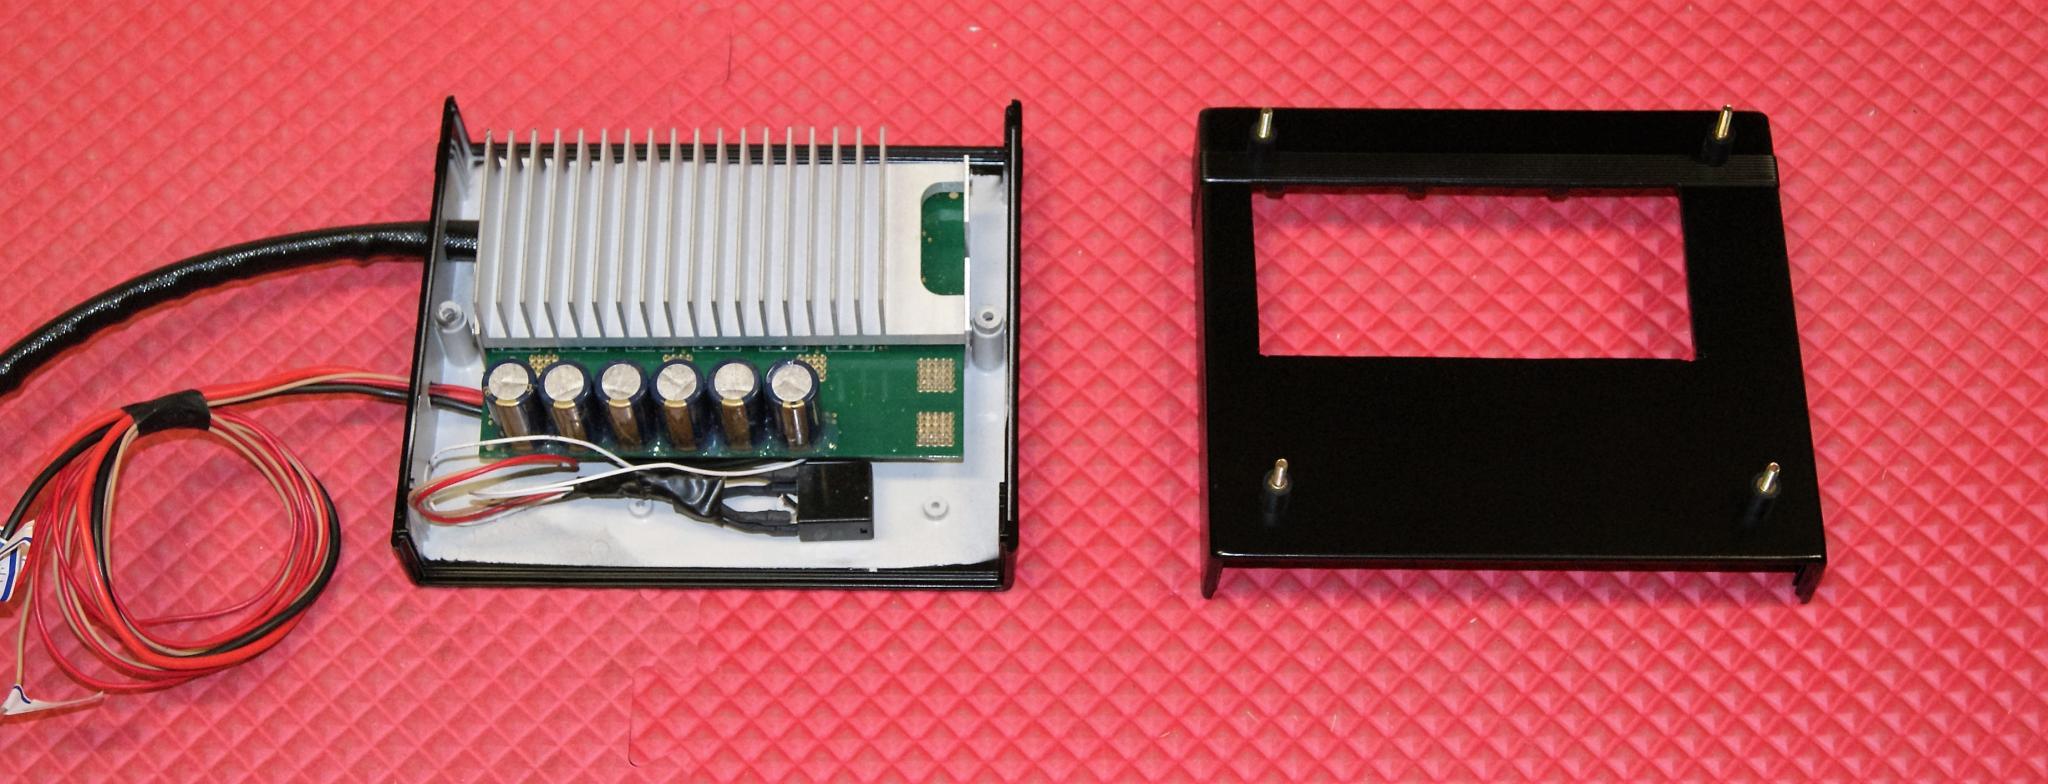 Electric A/C Compressor-electric-ac-controller-jpg